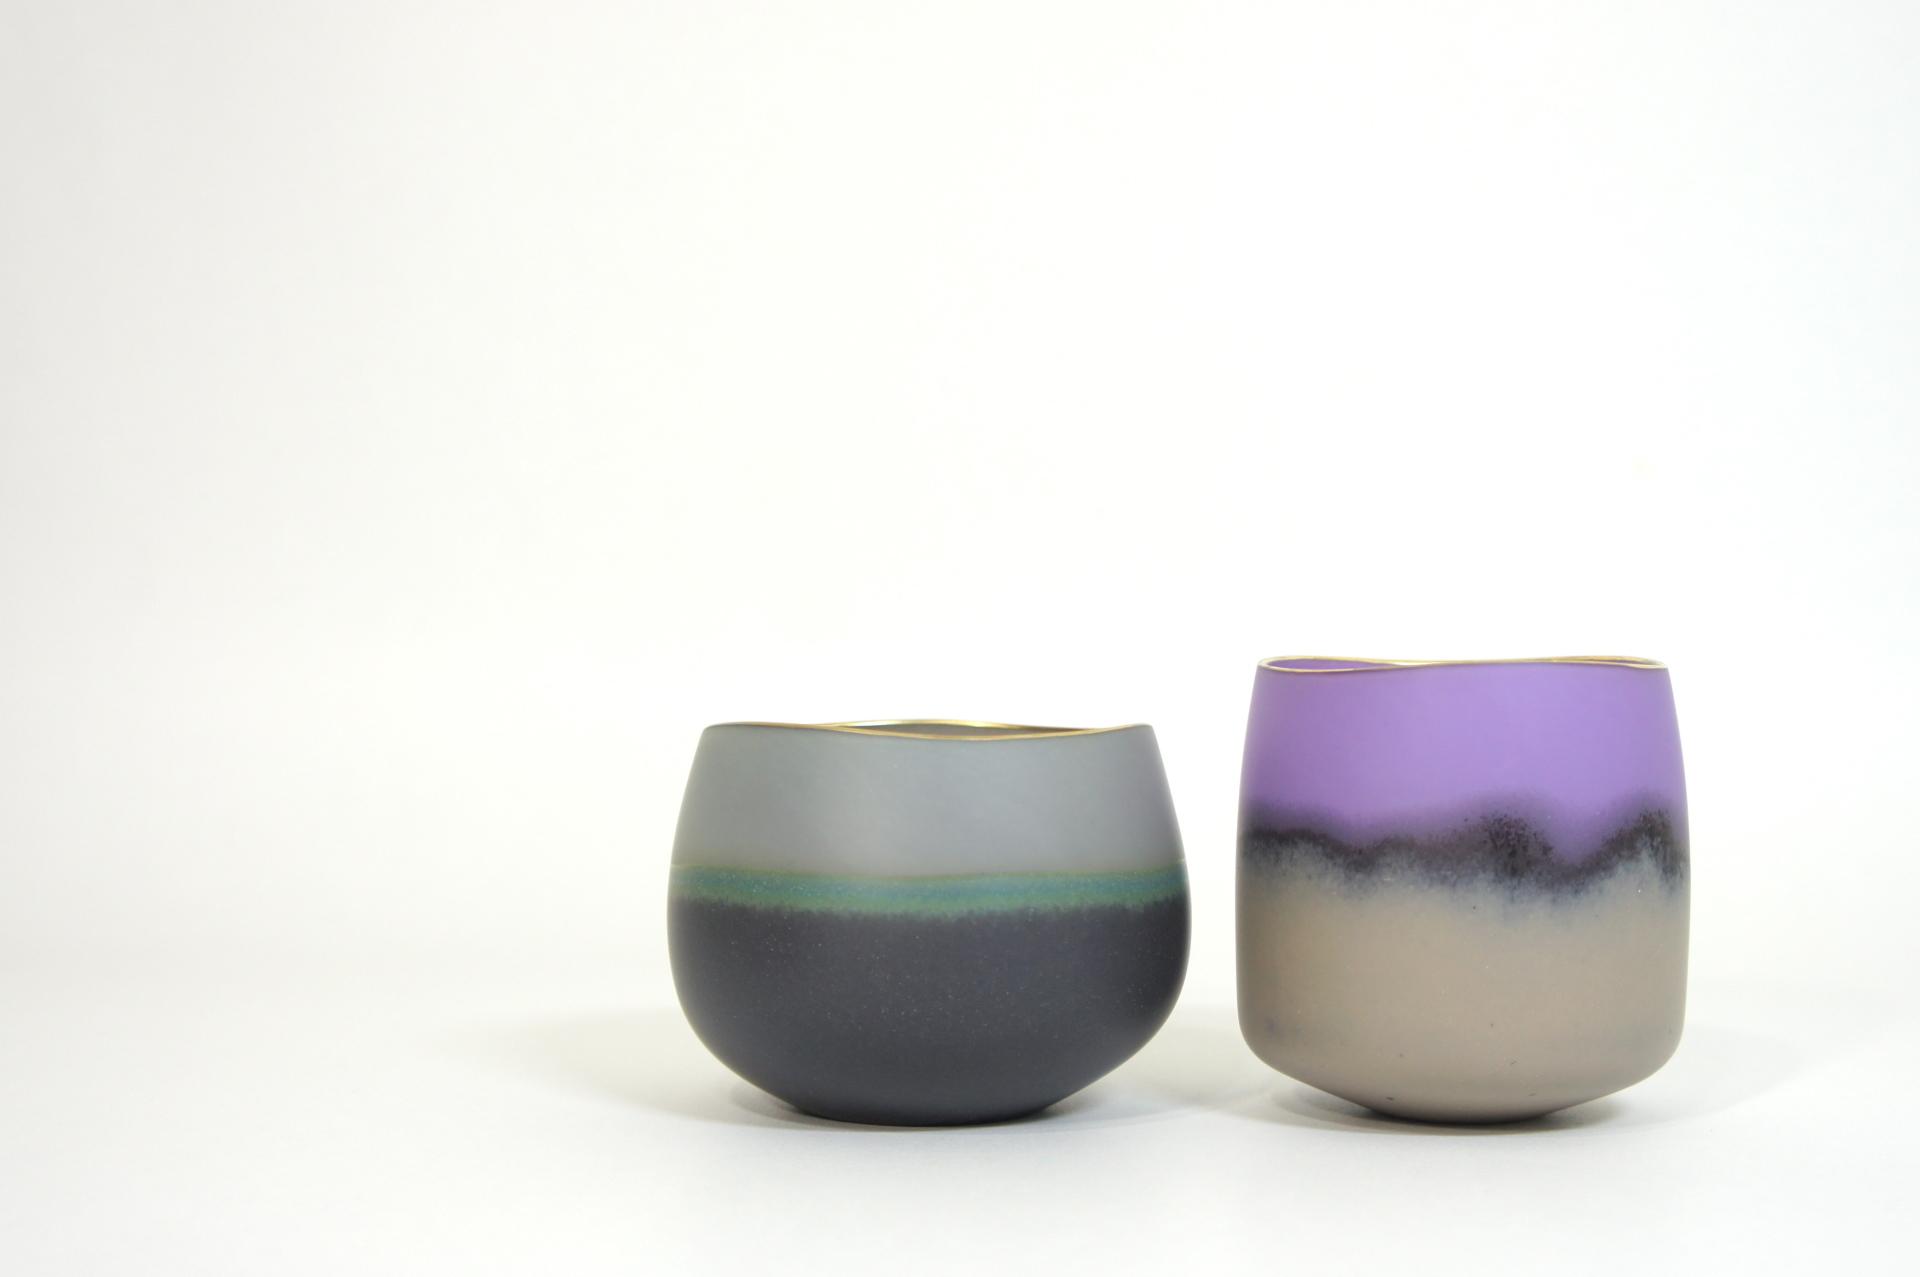 Tami Ishida: Ceramics